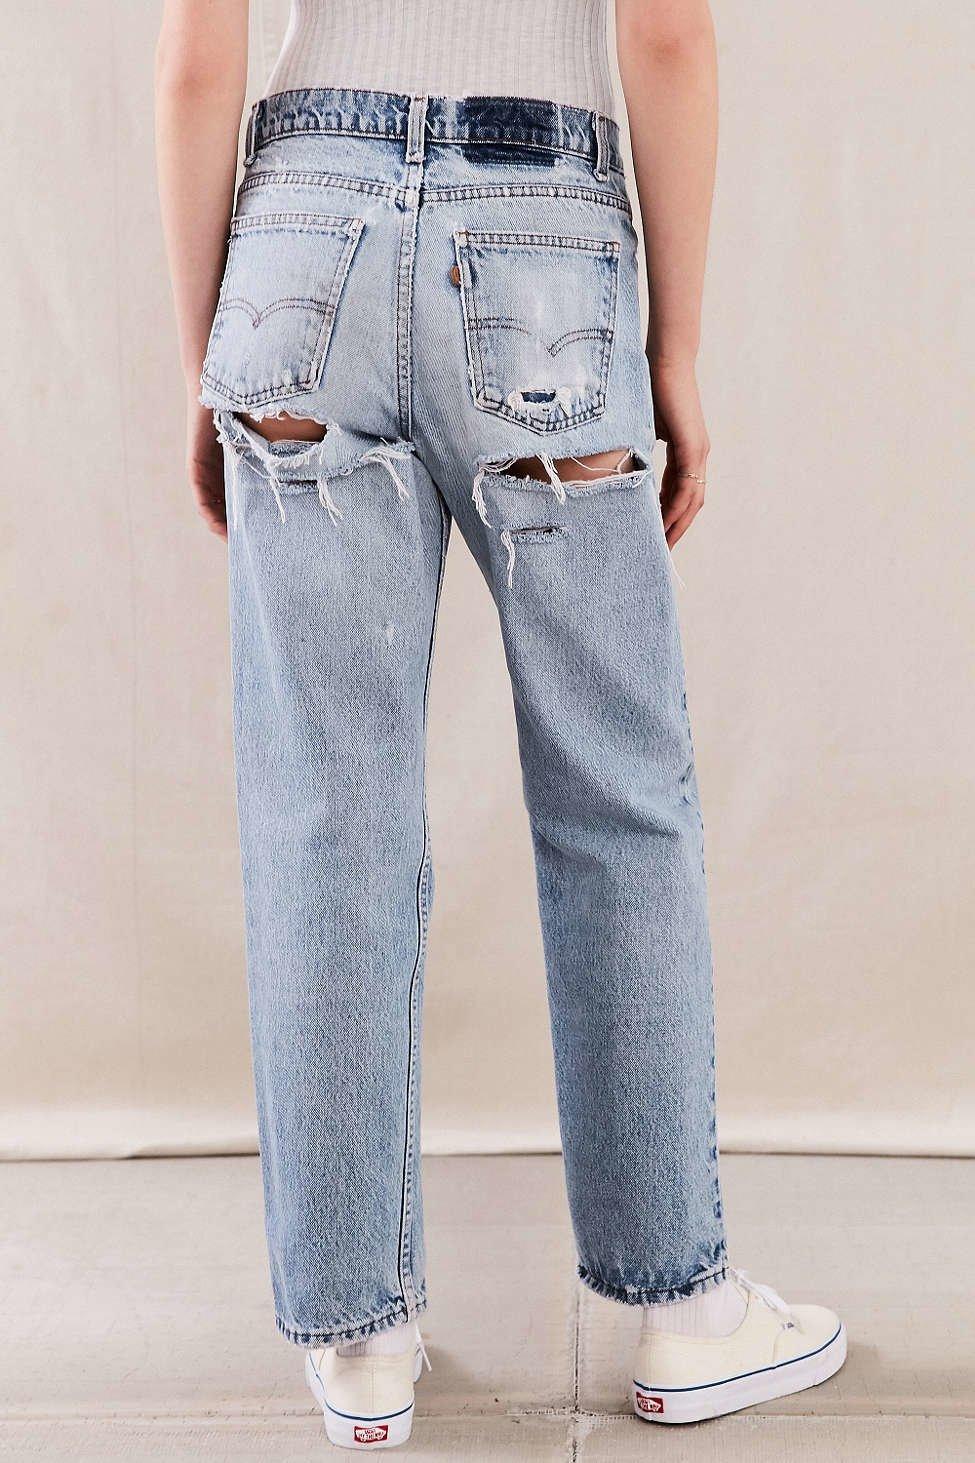 Как сделать джинсы на один размер меньше 95